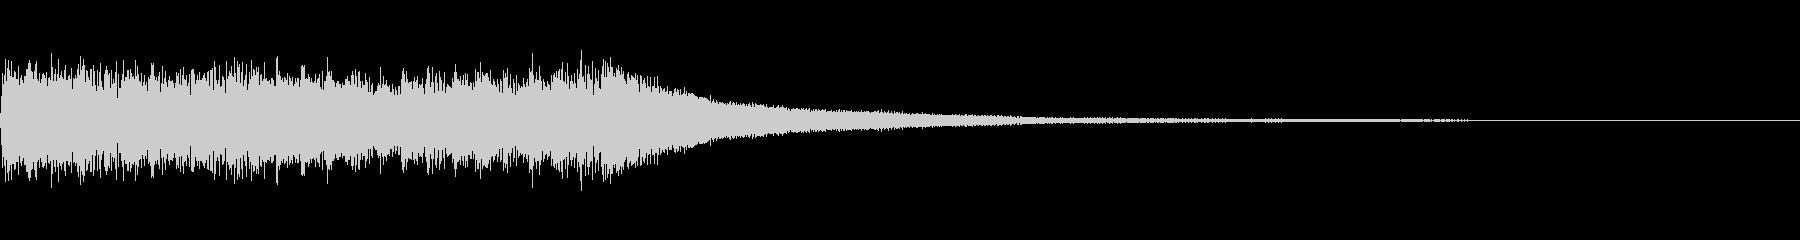 ミュージカルの1コマ風なピアノのジングルの未再生の波形